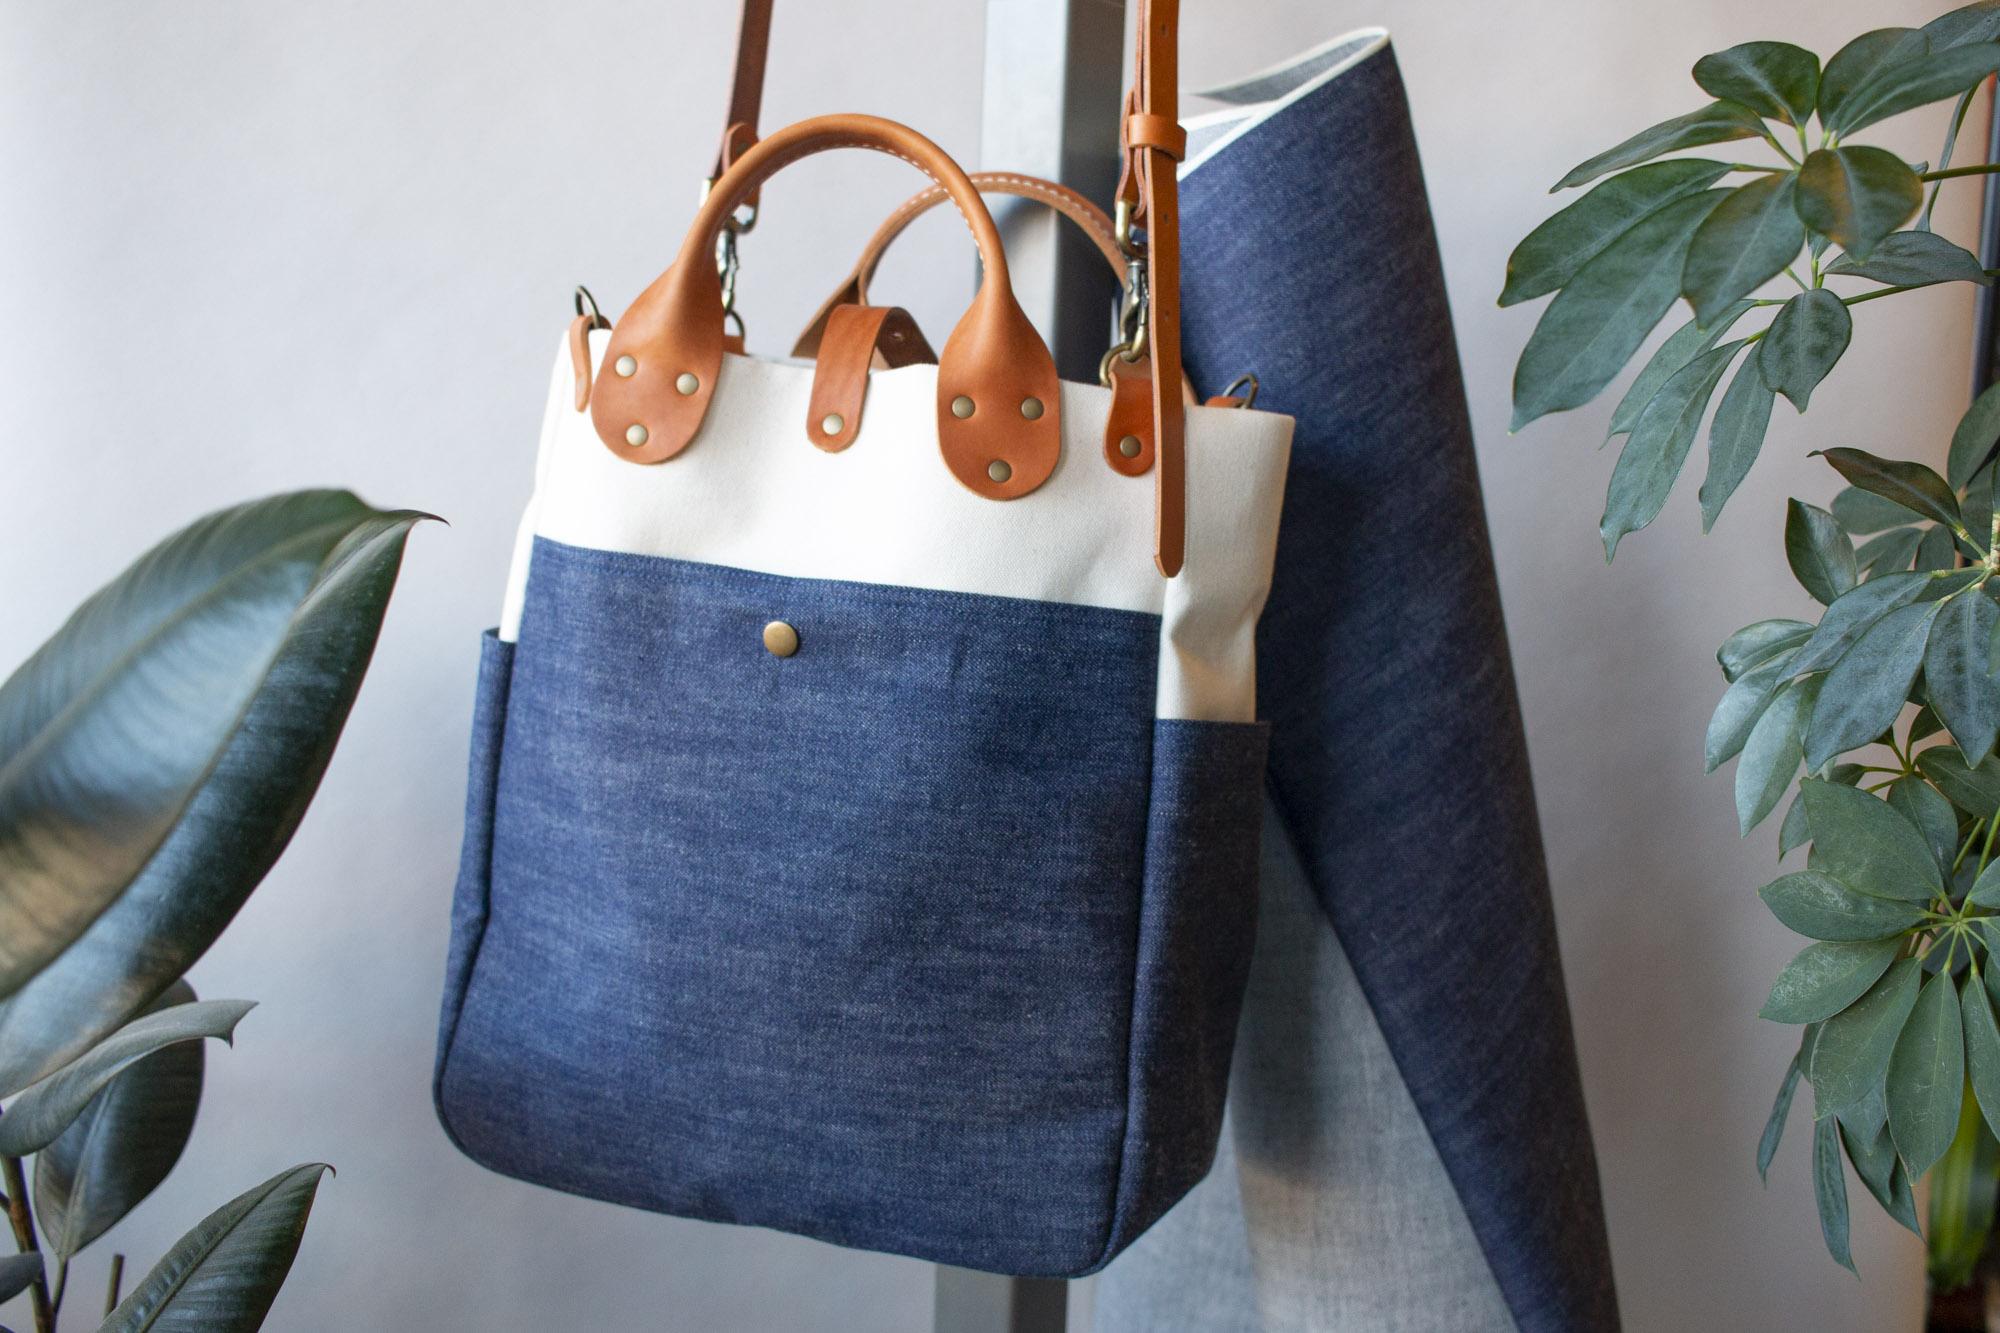 Heddels x Winter Session Triple Fade White Oak Denim Garrison Bag